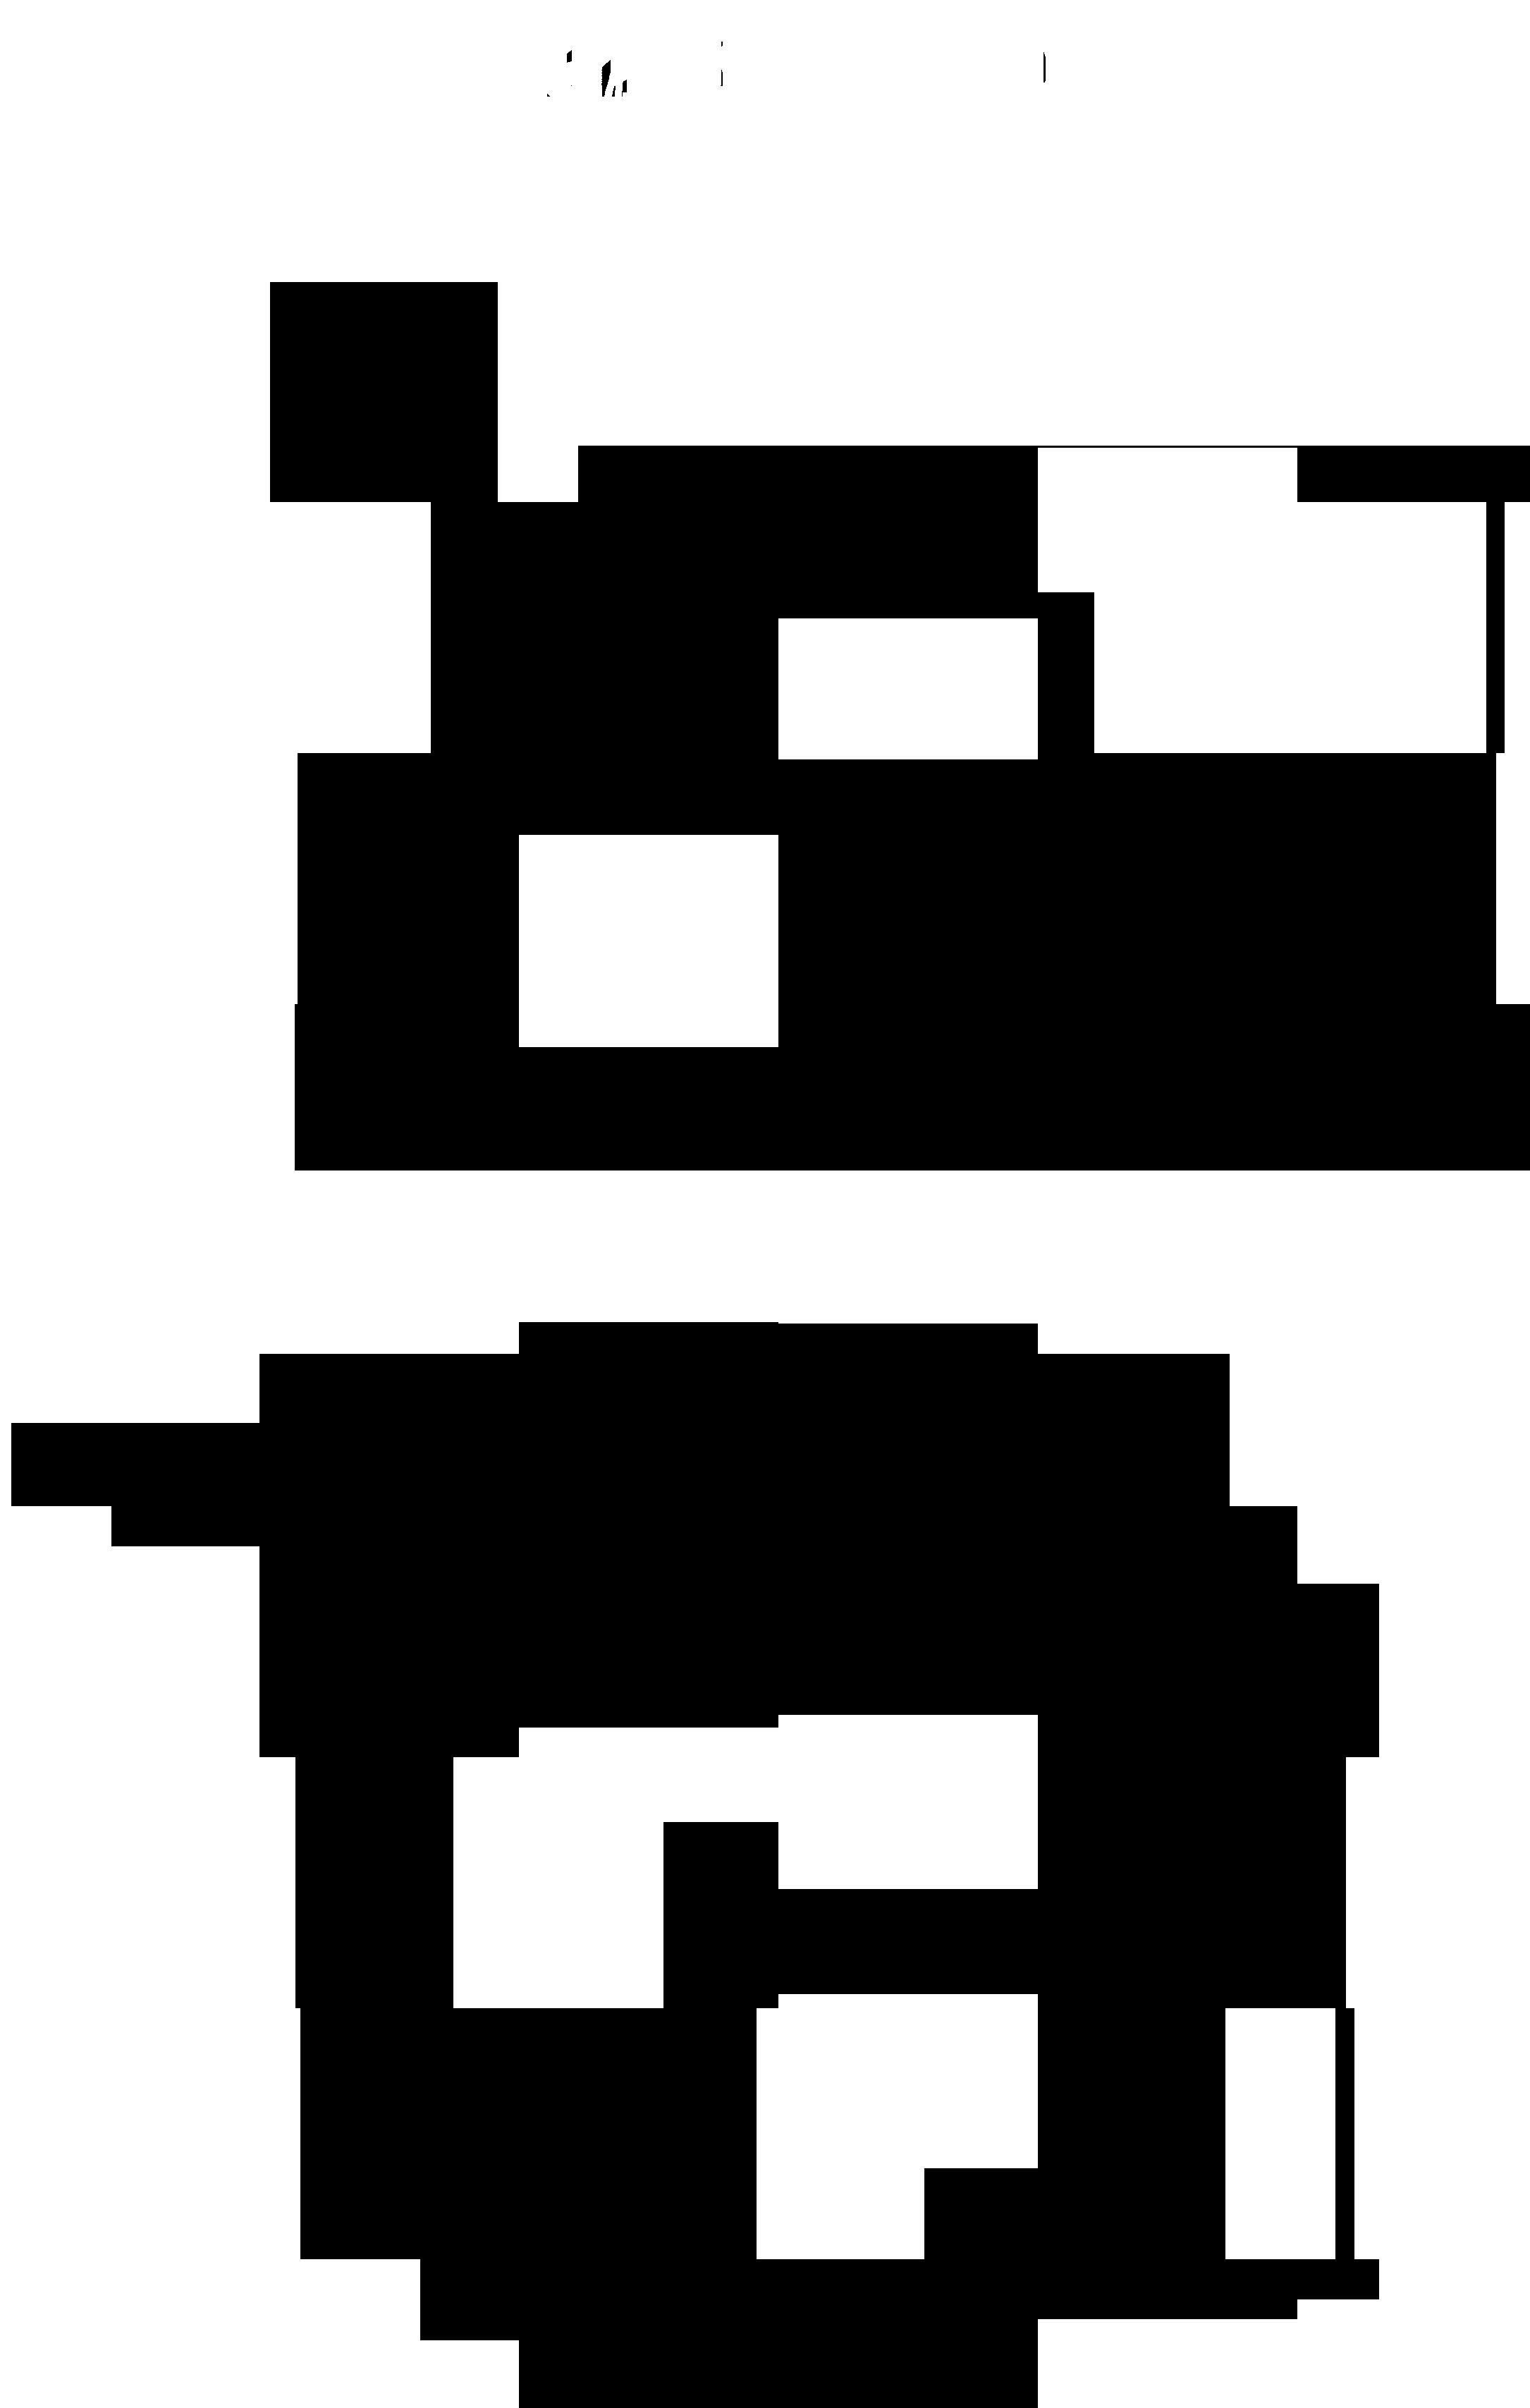 Tca-200VD01_2021030117290608f.png